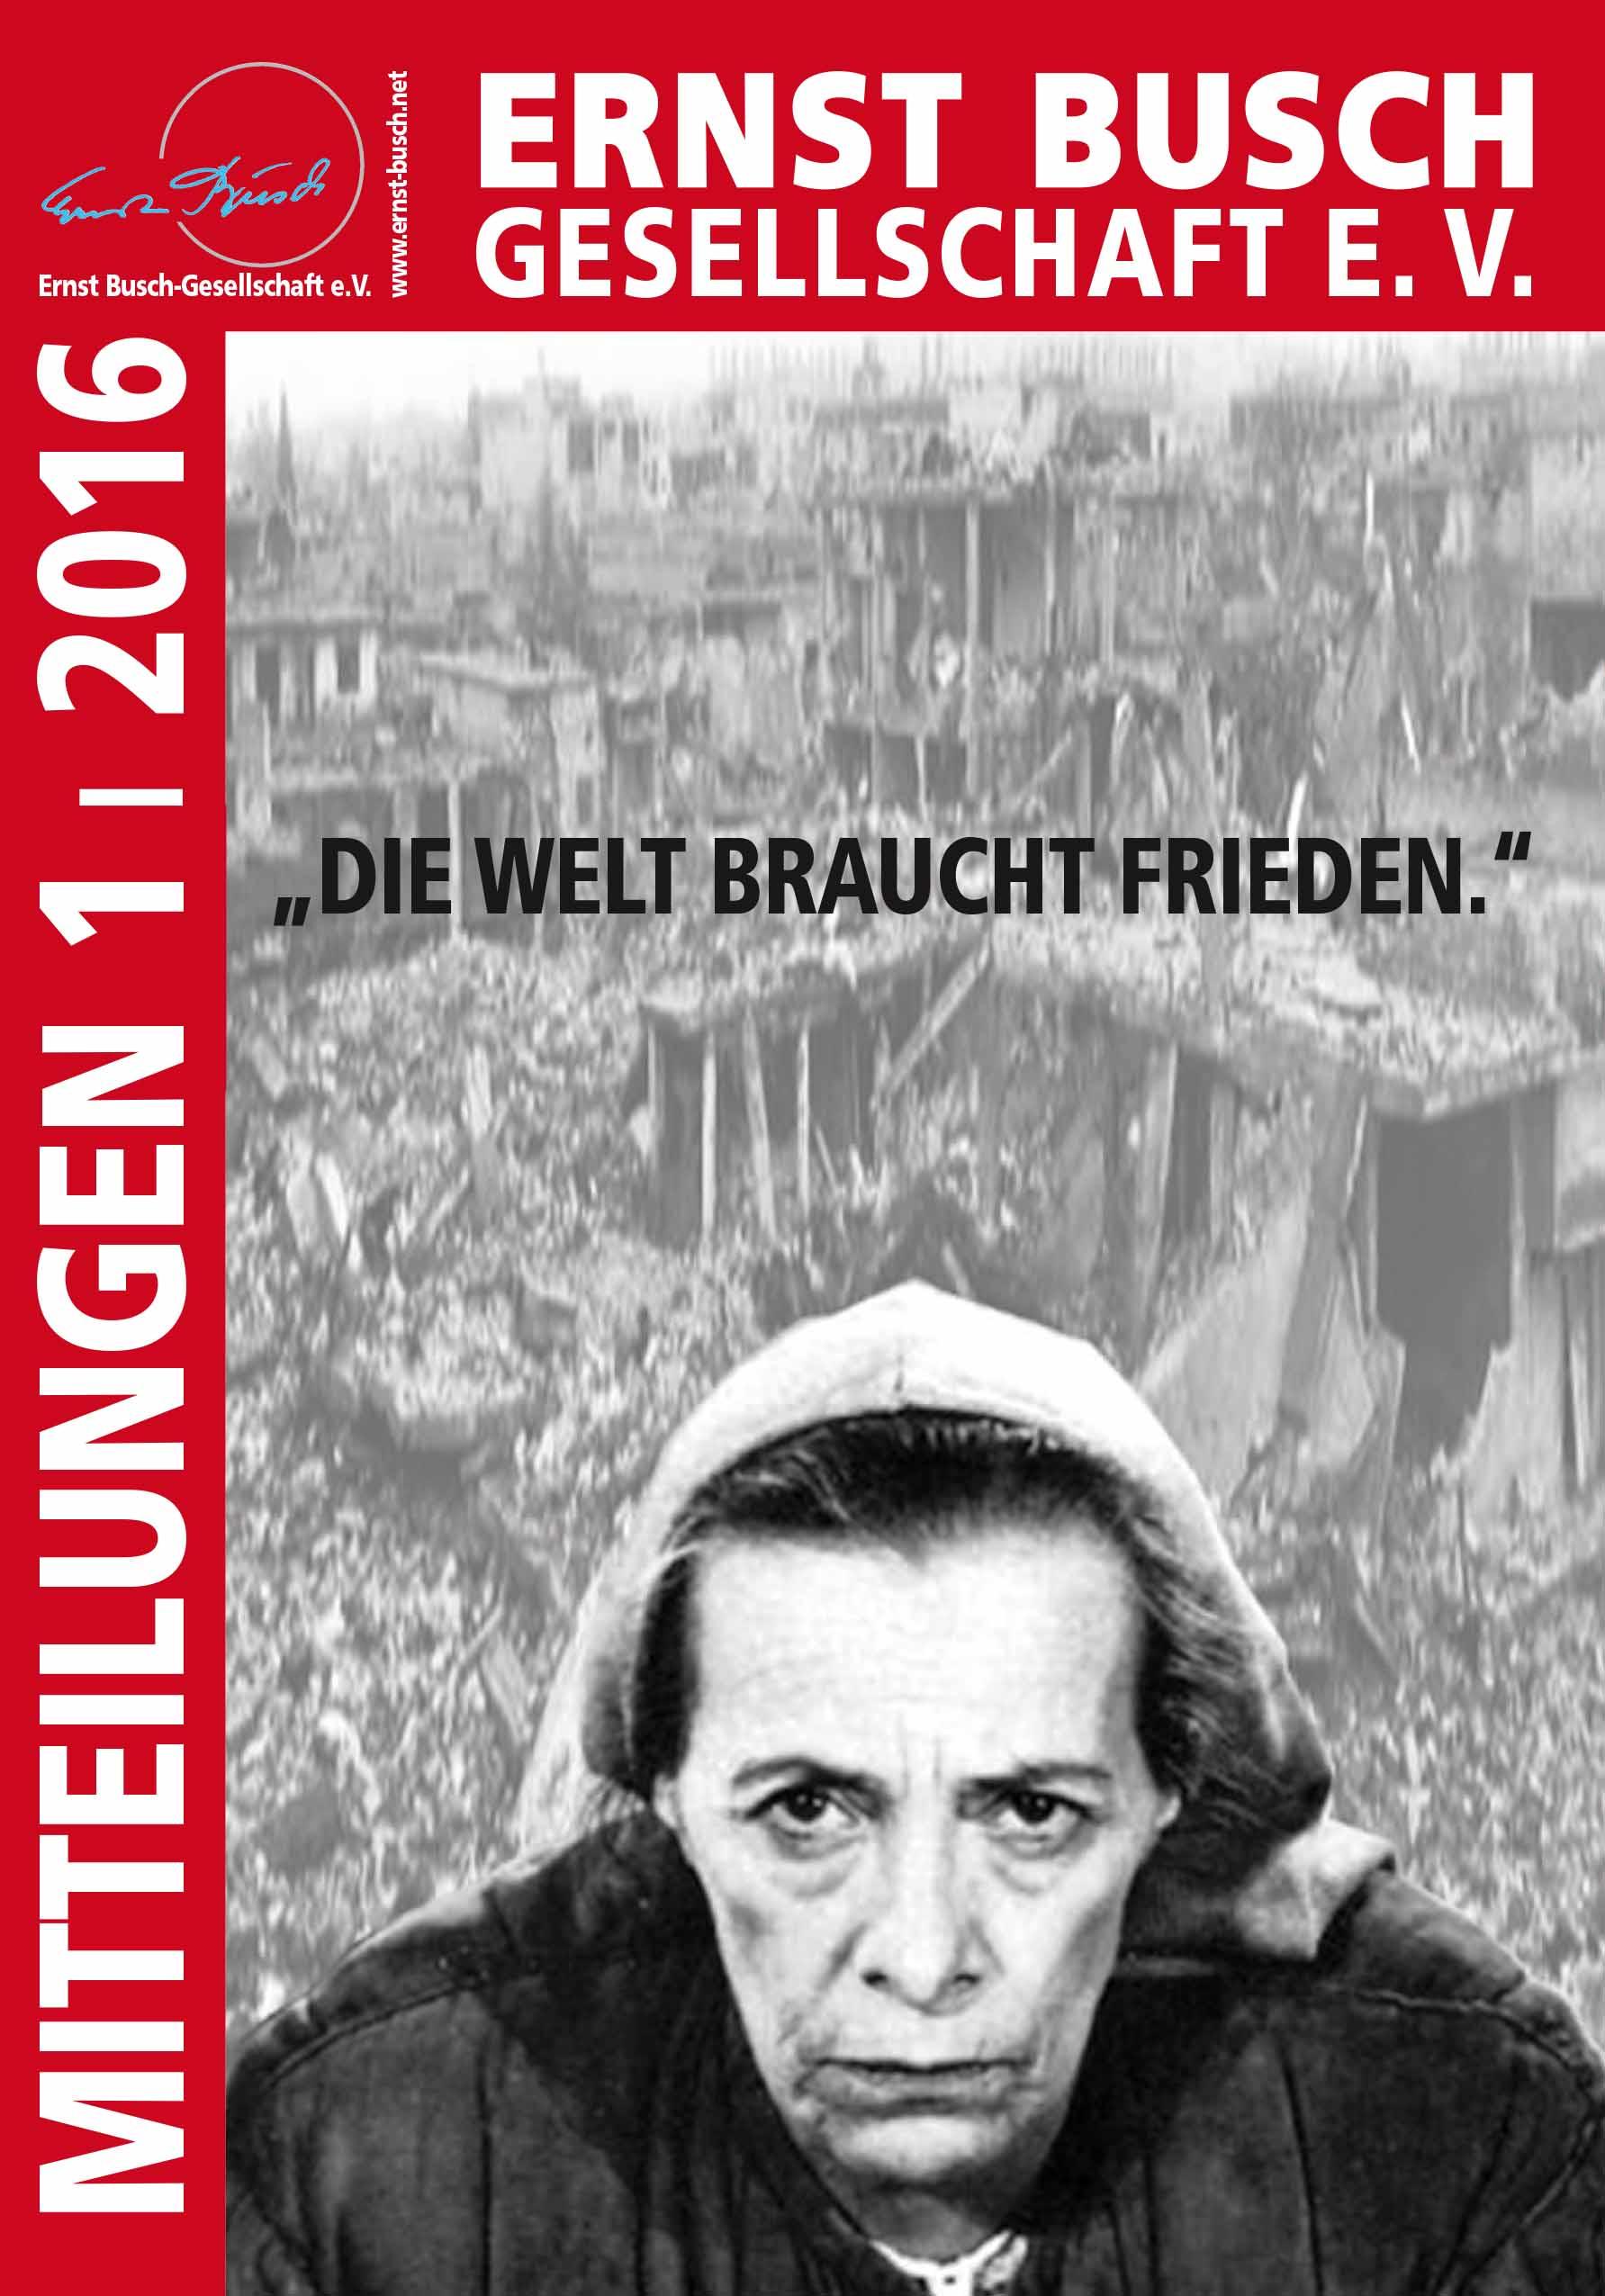 Mitteilungen der Ernst Busch-Gesellschaft e.V.